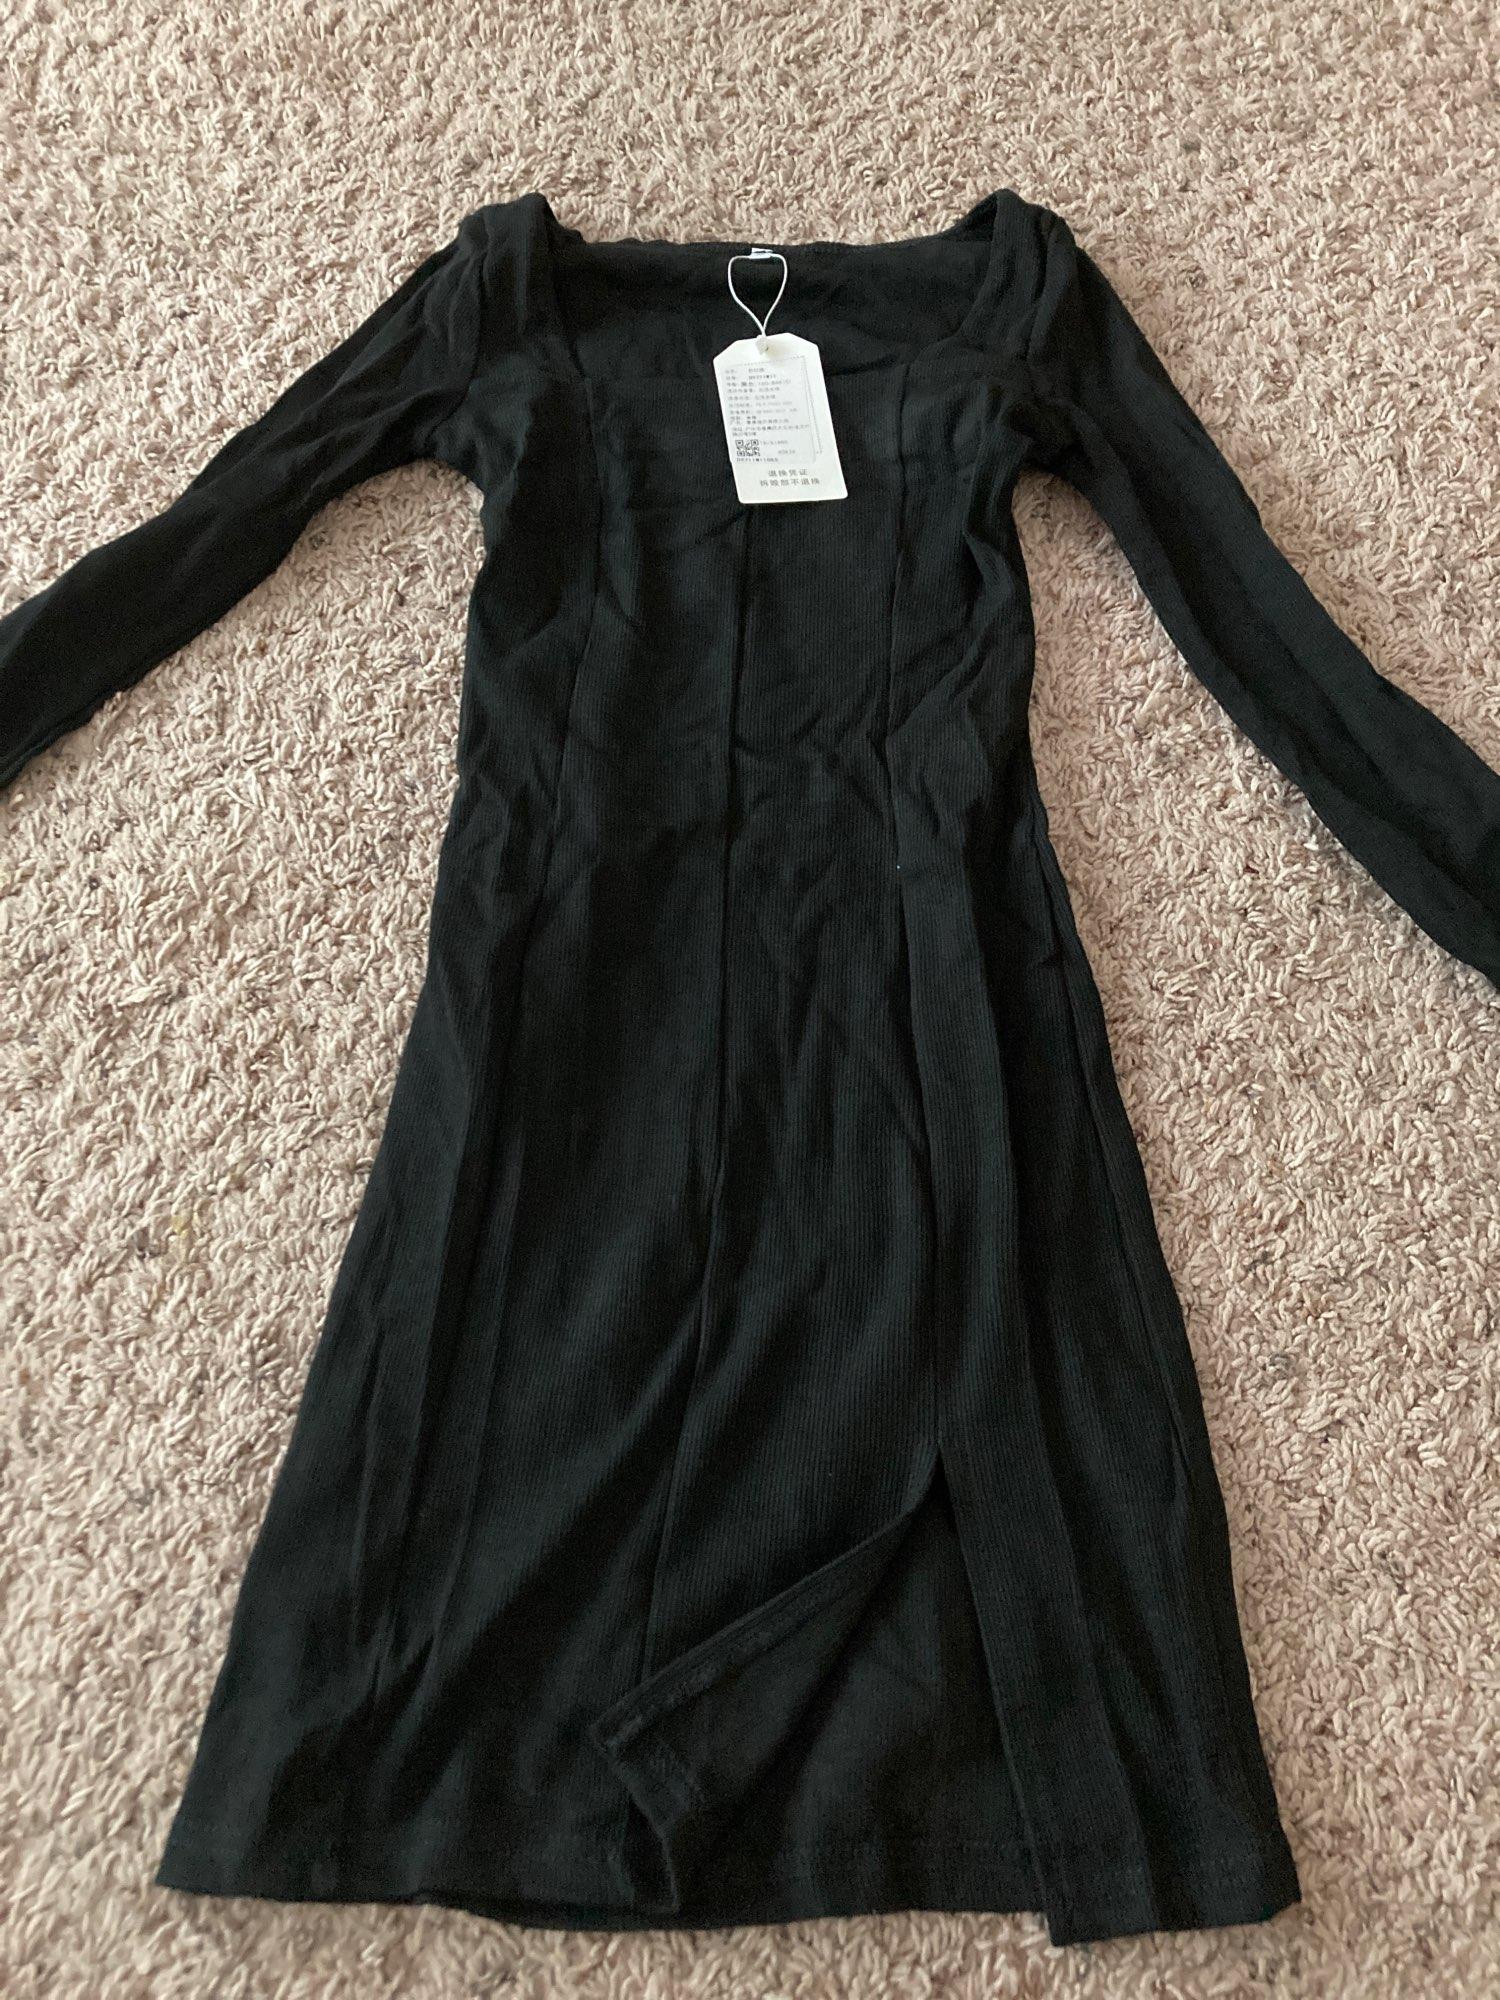 SUCHCUTE velvet women dress bodycon Modis soild Autumn Winter 2020 elegent split Femme Dresses party long sleeve gothic clothes|Dresses|   - AliExpress